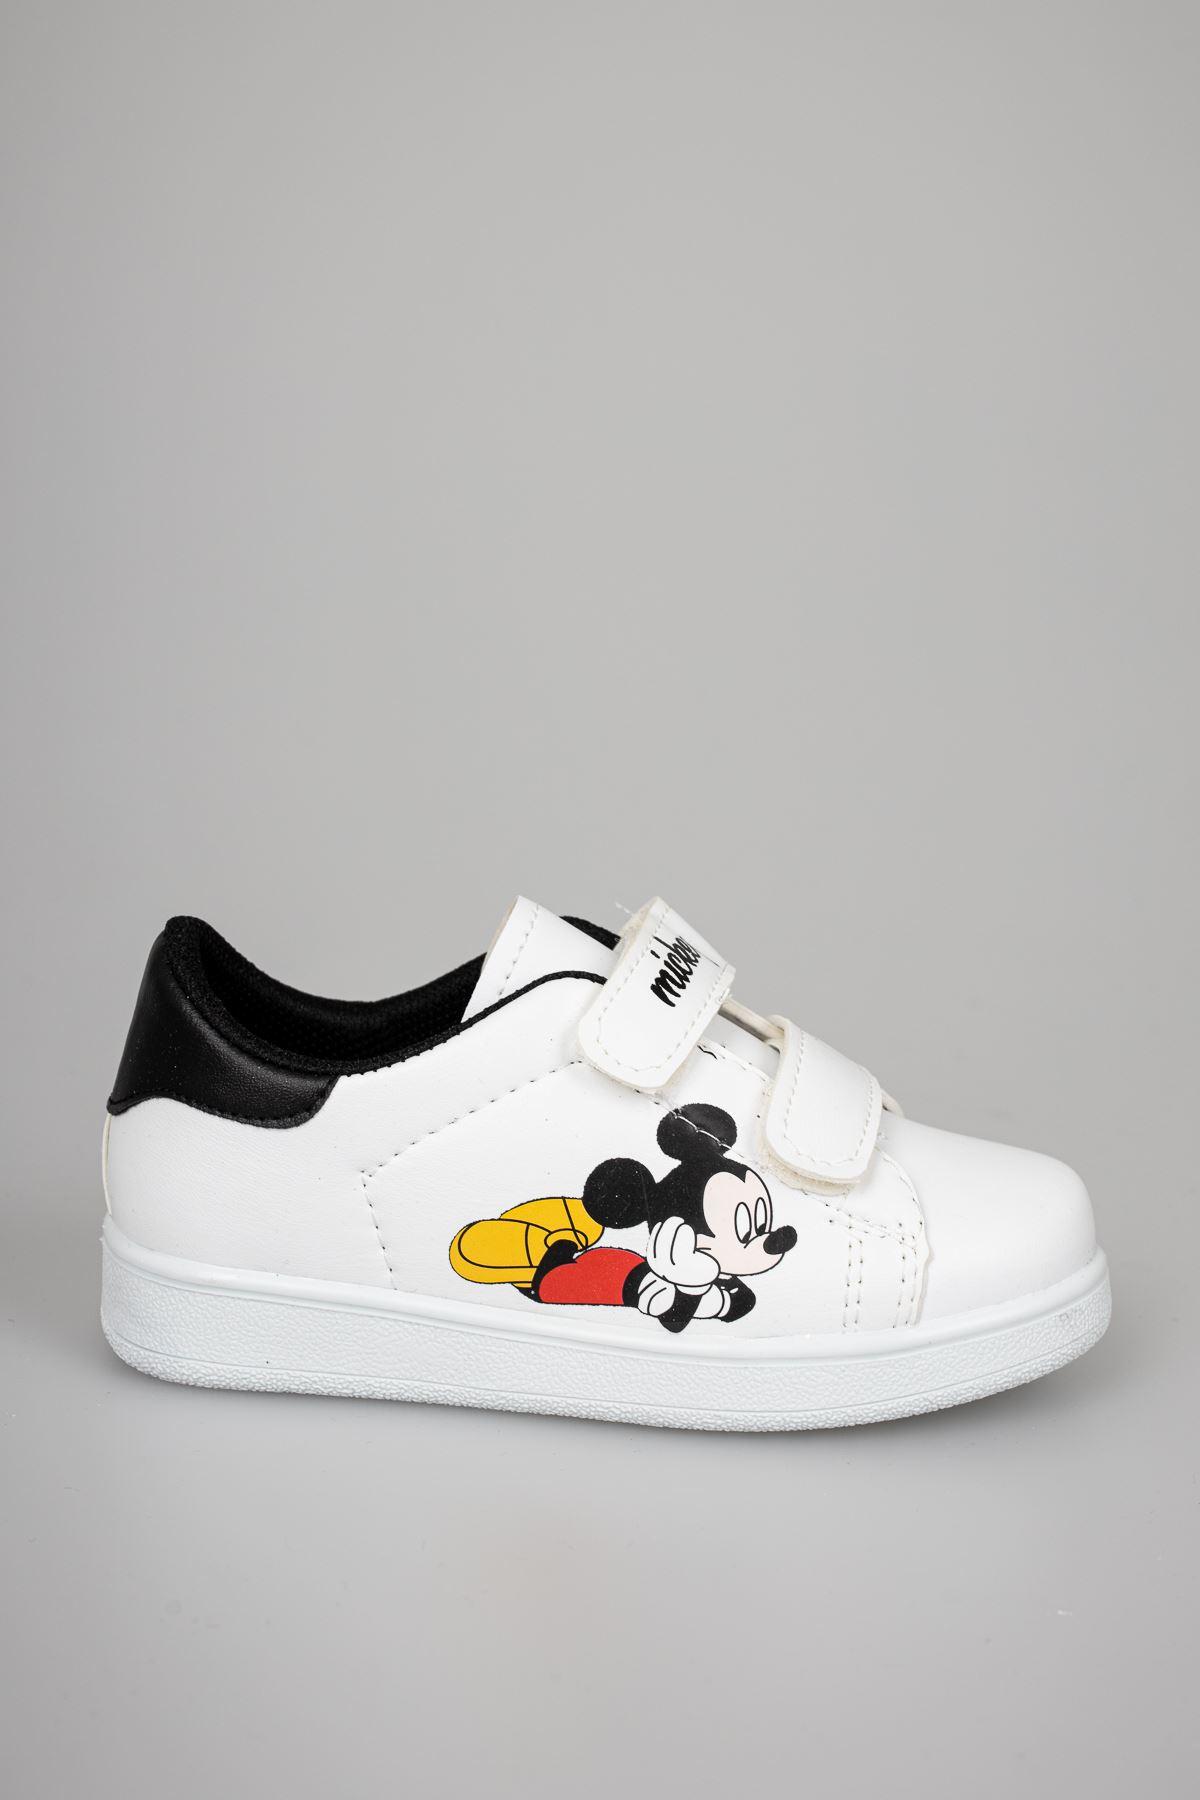 Baskılı Beyaz Garnisi Siyah Çocuk Ayakkabı